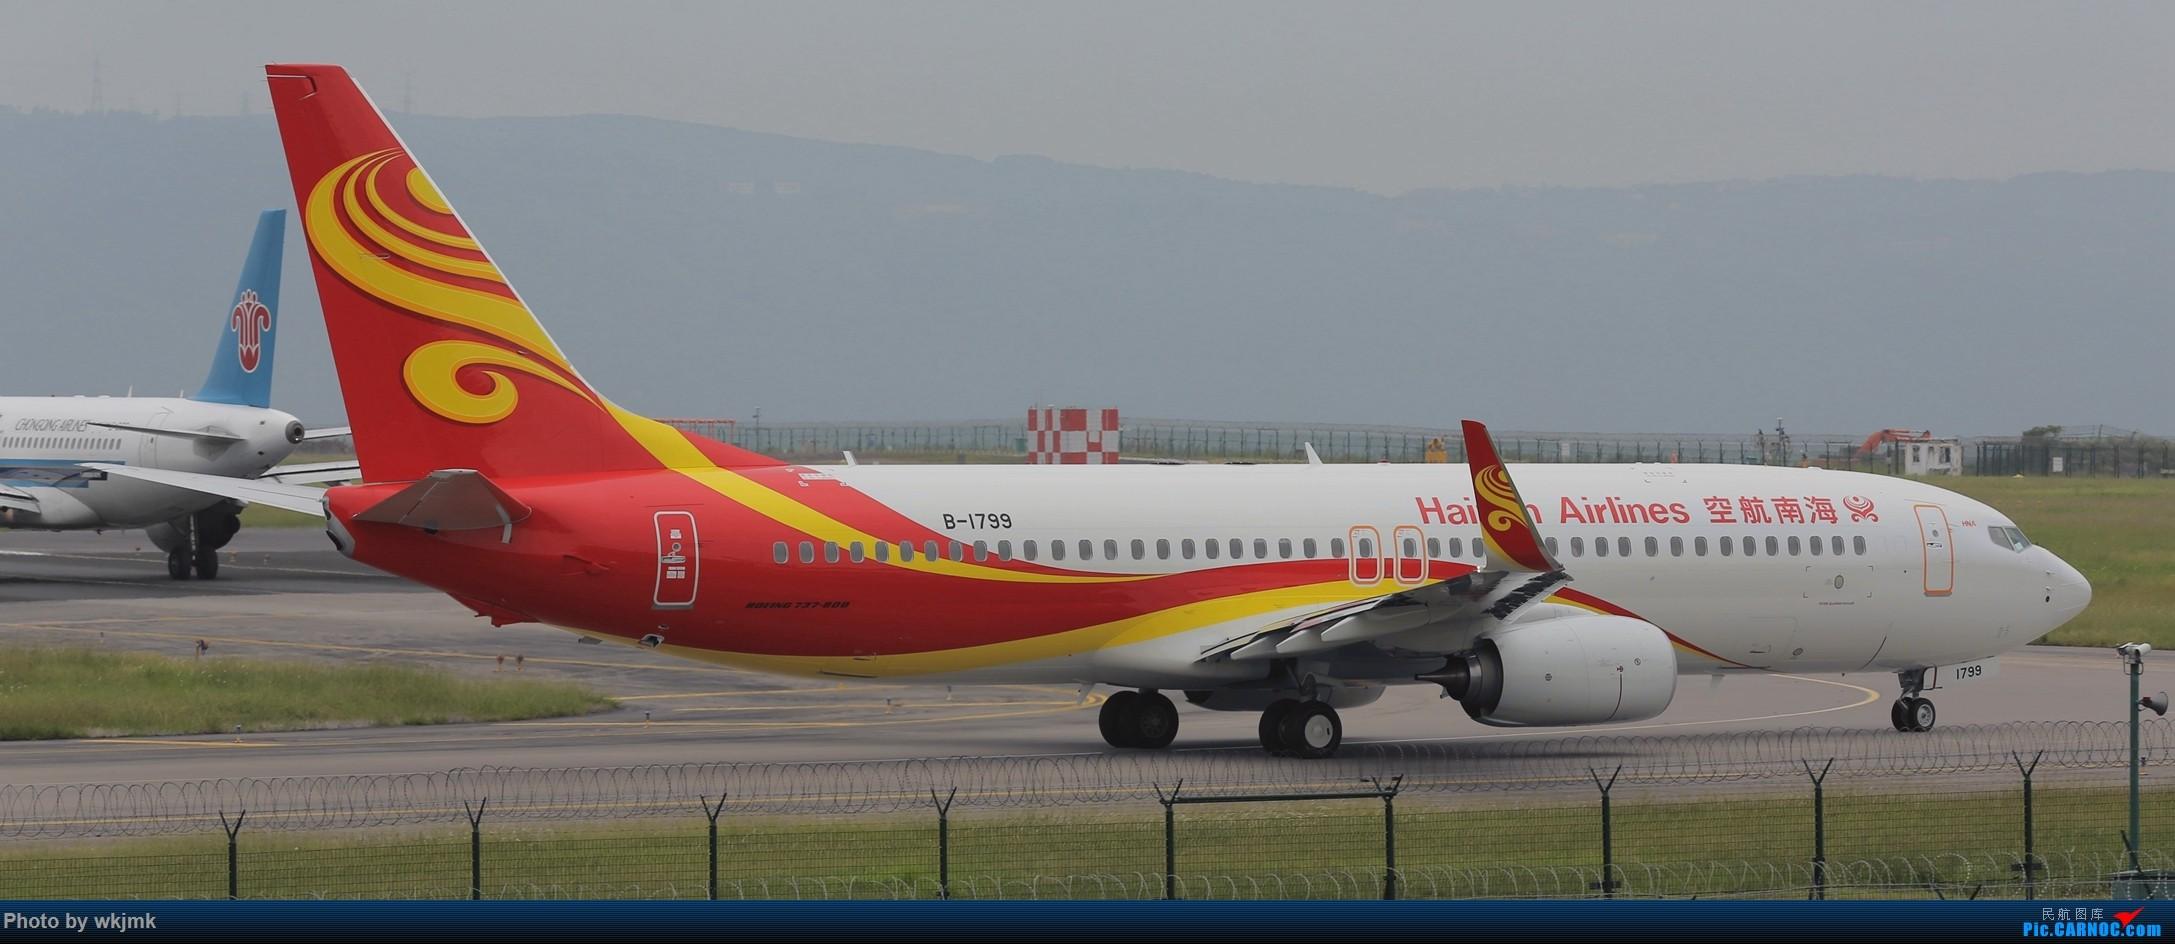 Re:[原创]西宁,成都,重庆三地拍机 BOEING 737-800 B-1799 中国重庆江北国际机场